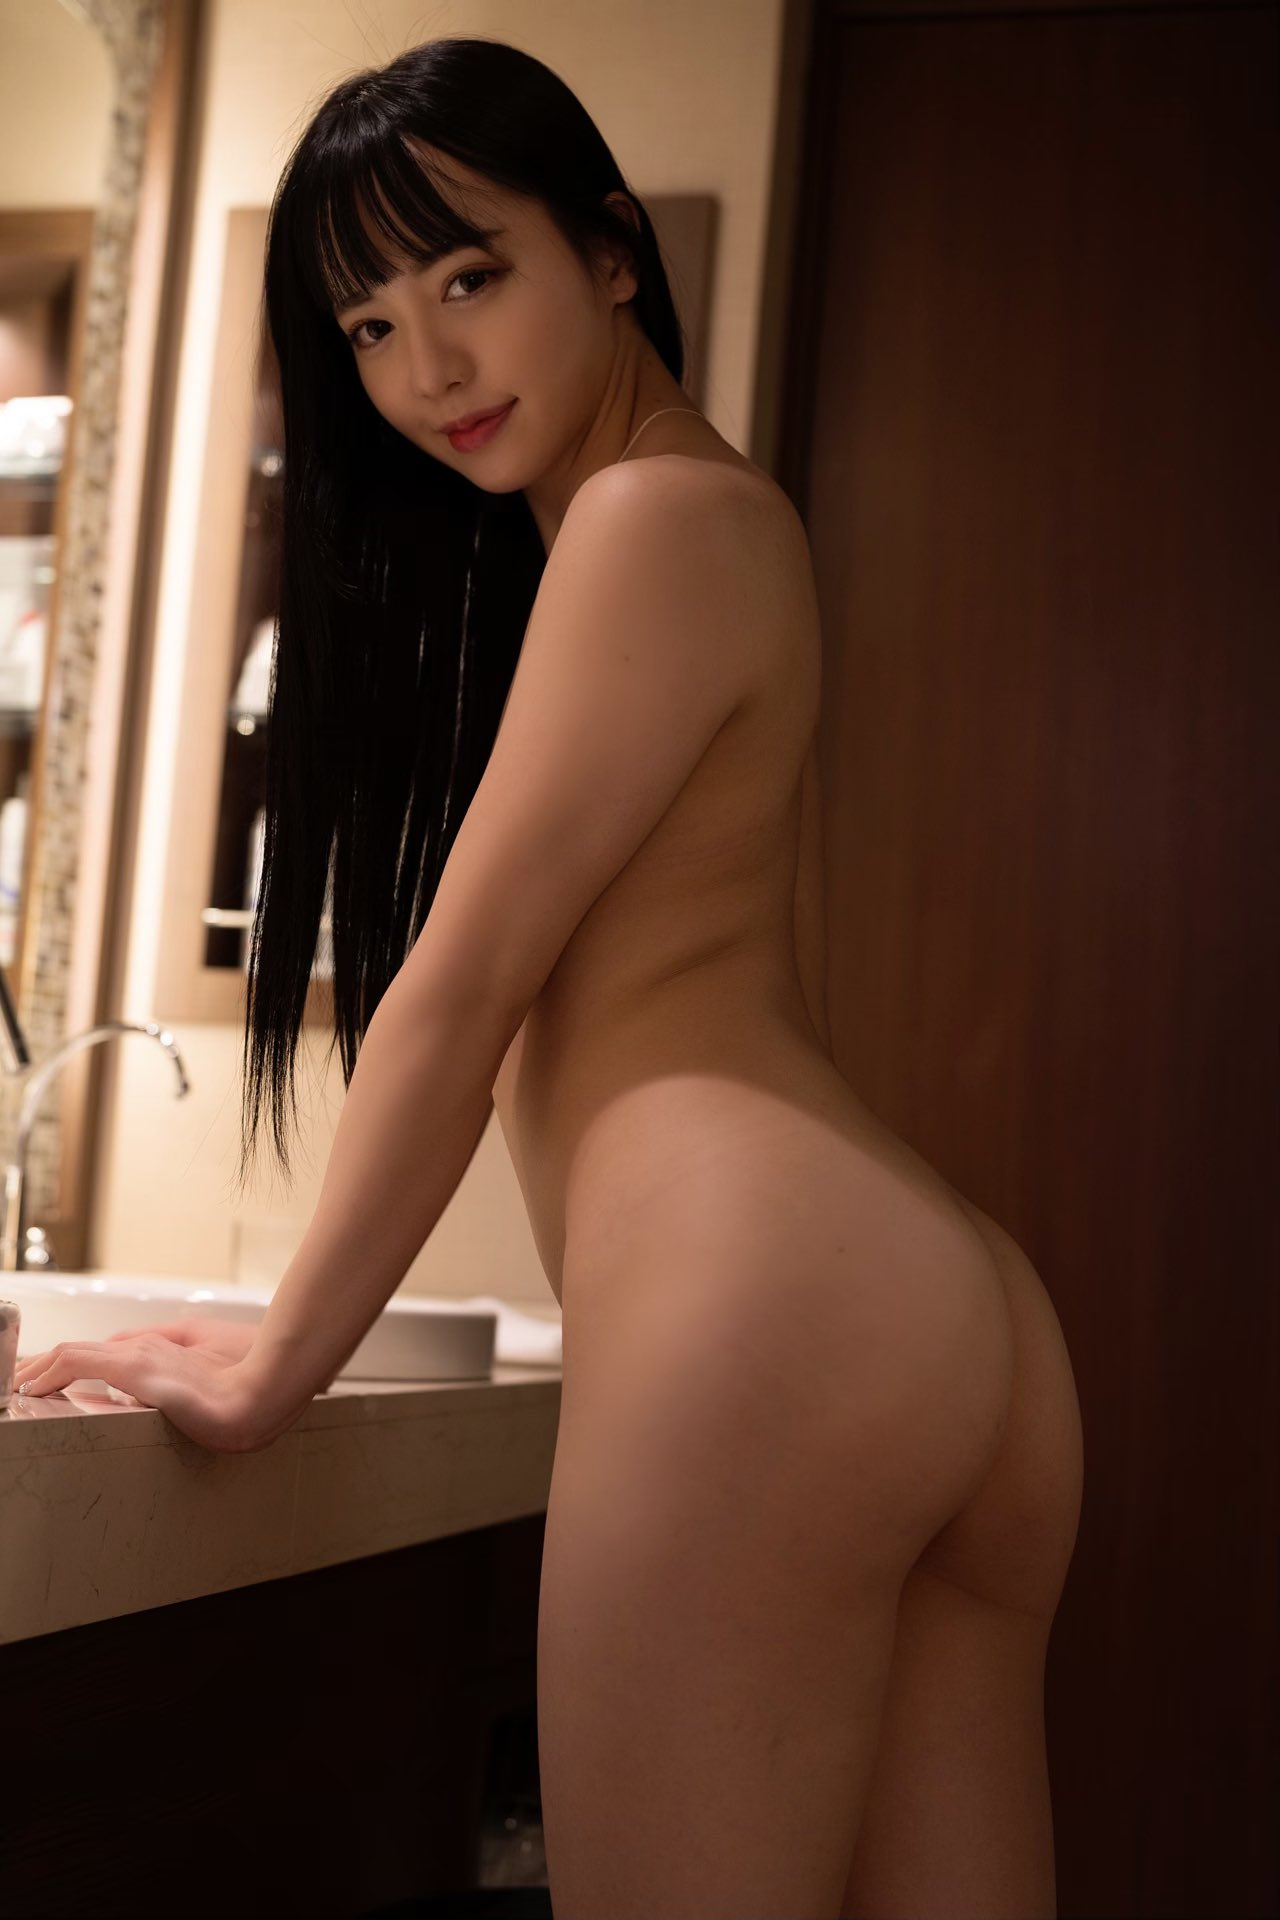 【朝日しずくエロ画像】元アイドルで貧乳&薄毛股間な美少女・朝日しずく!